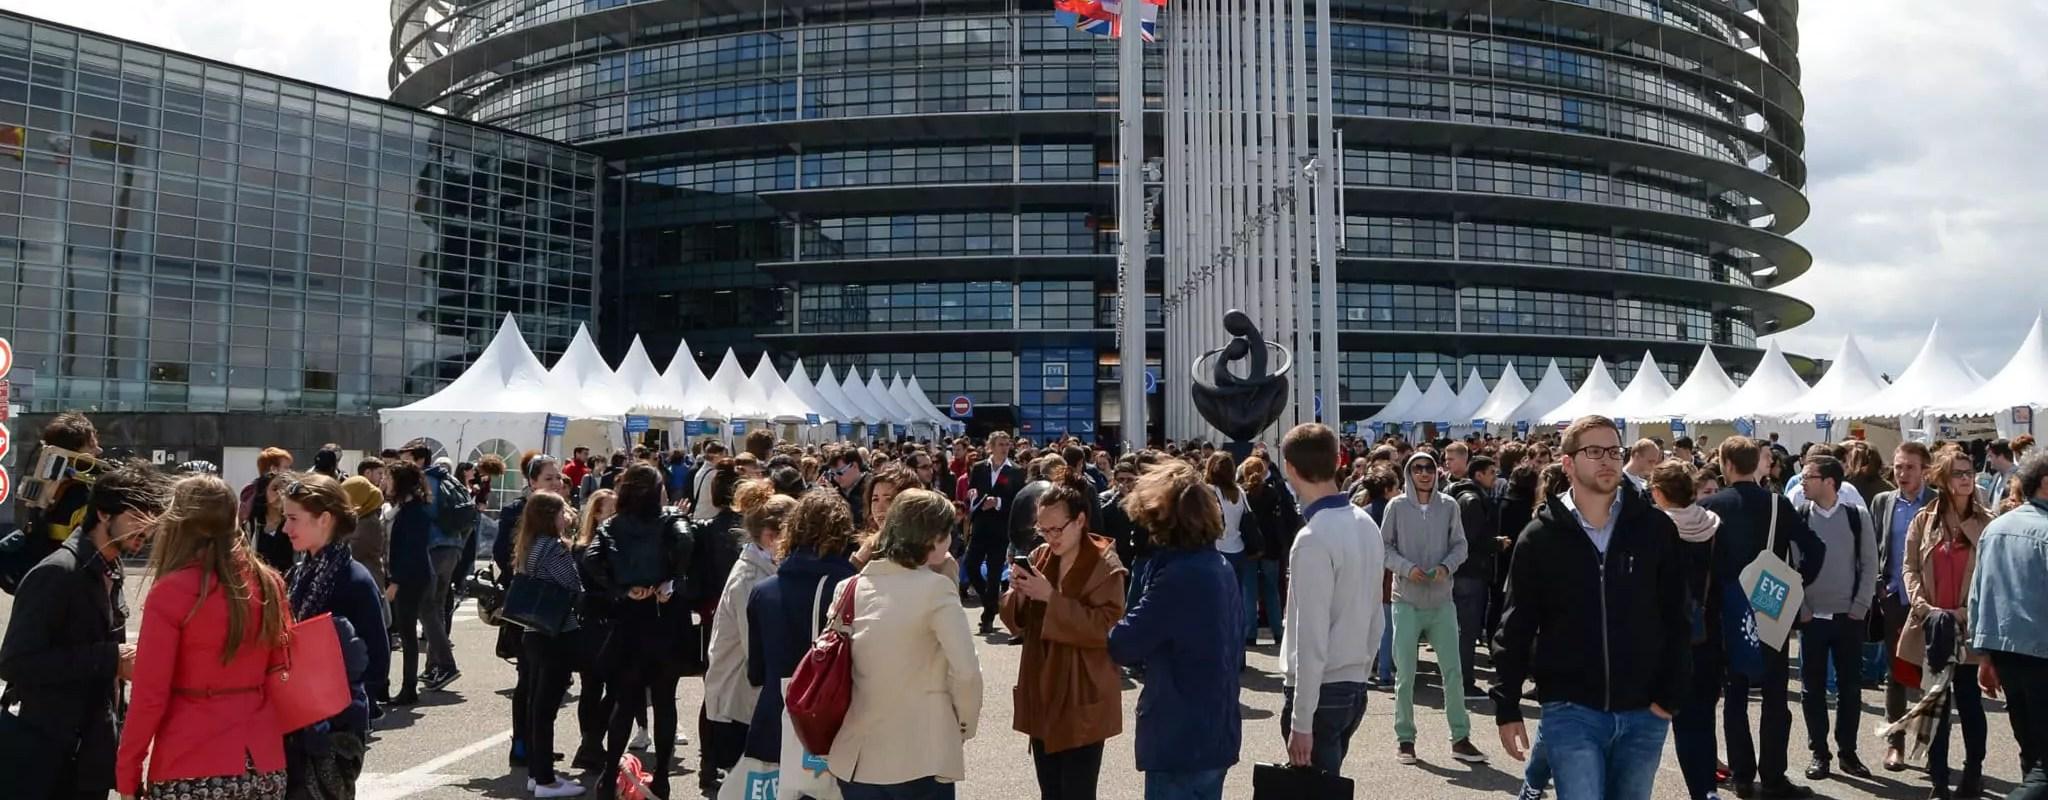 Plus de 8000 jeunes attendus à Strasbourg pour rêver l'avenir de l'Europe